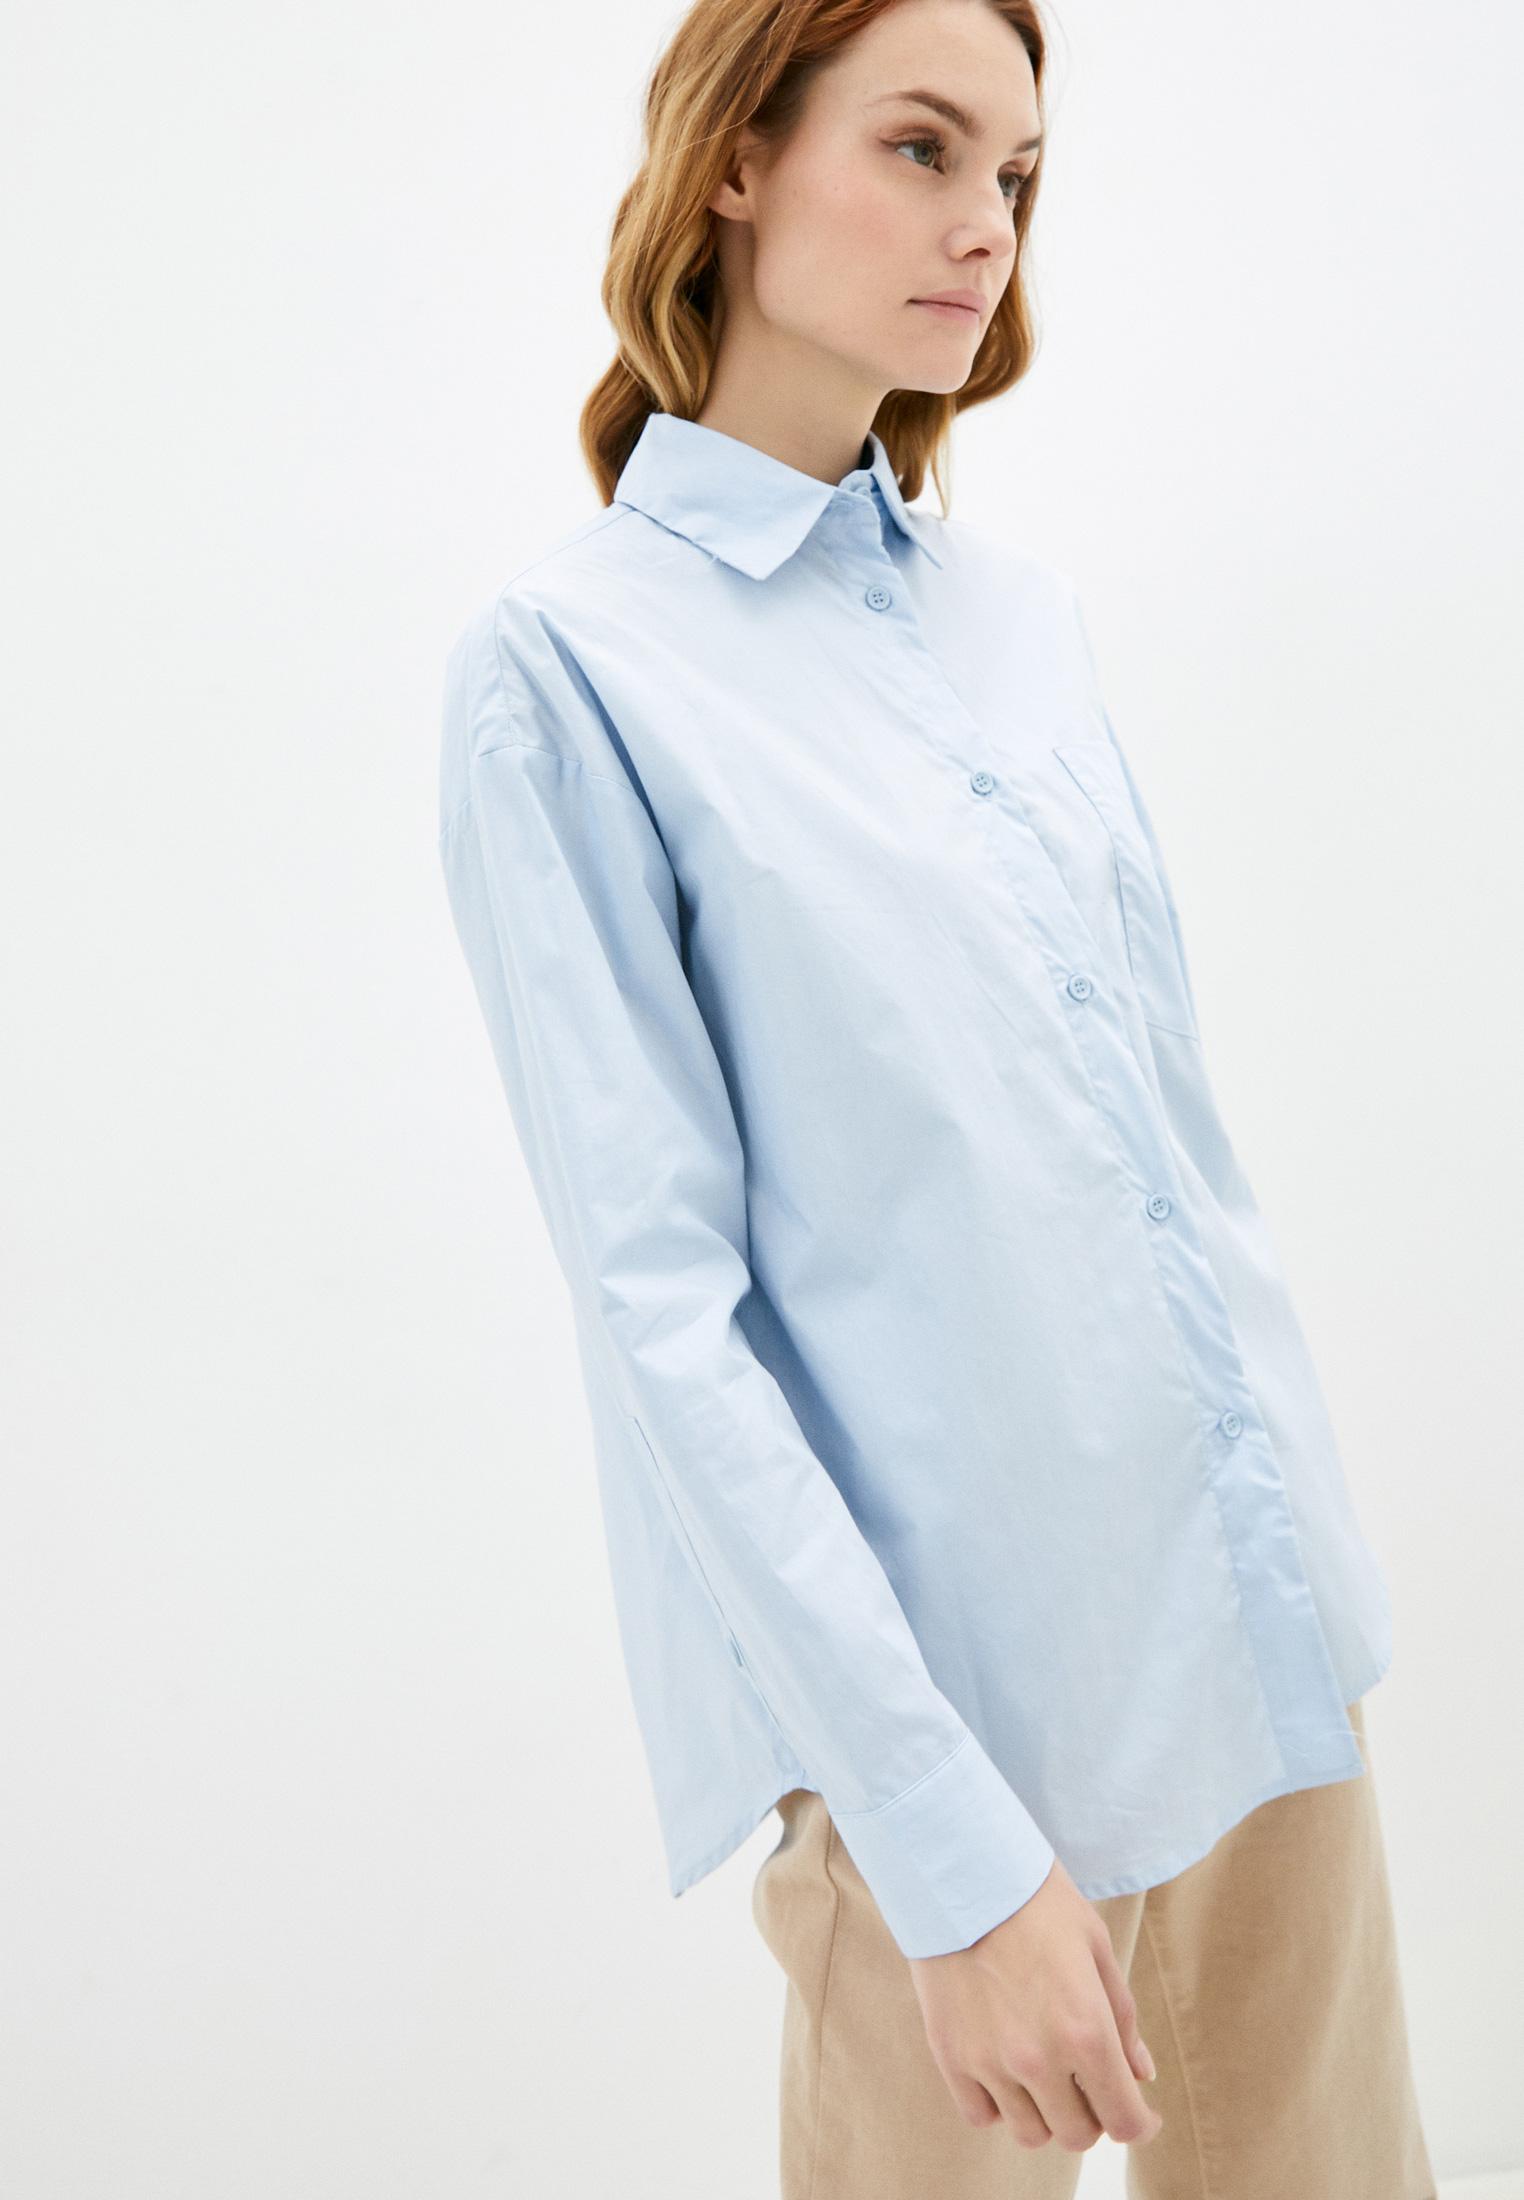 Женские рубашки с длинным рукавом Haily's Рубашка Haily's